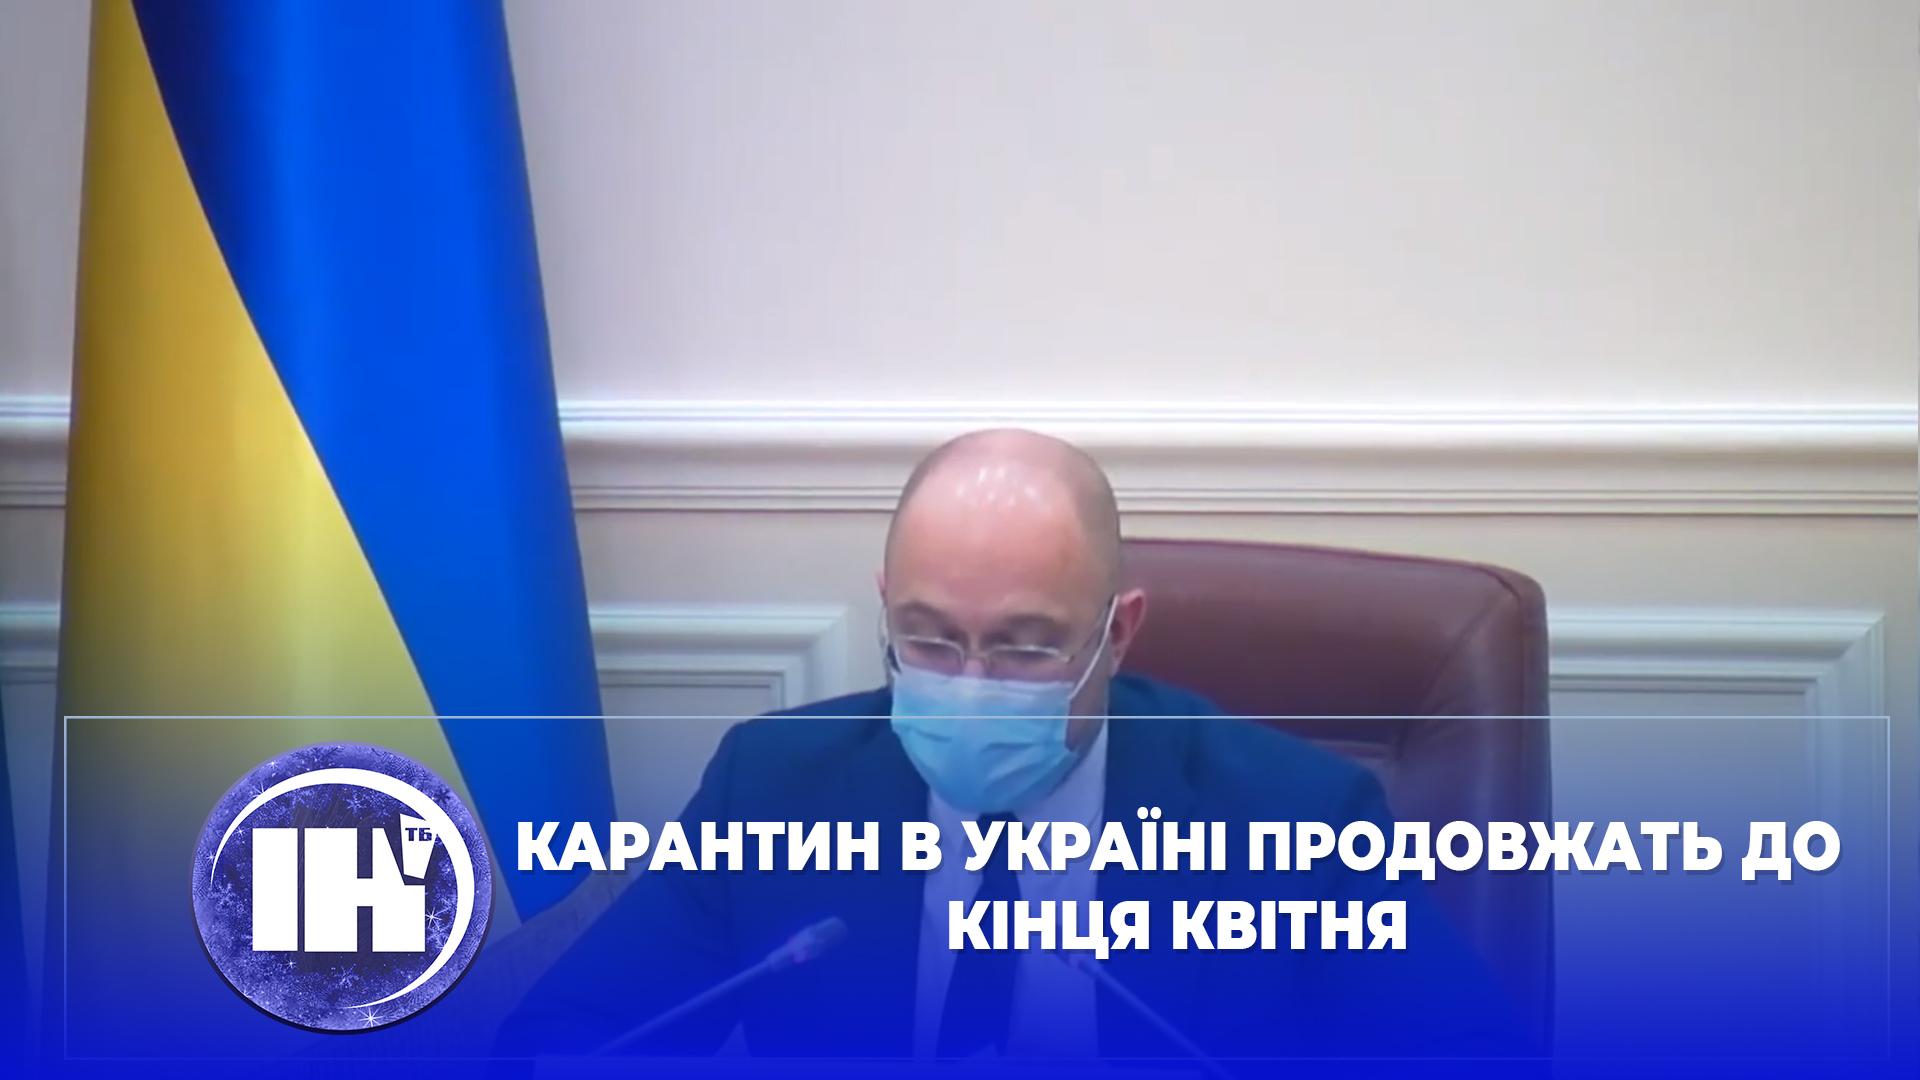 Карантин в Україні продовжать до кінця квітня